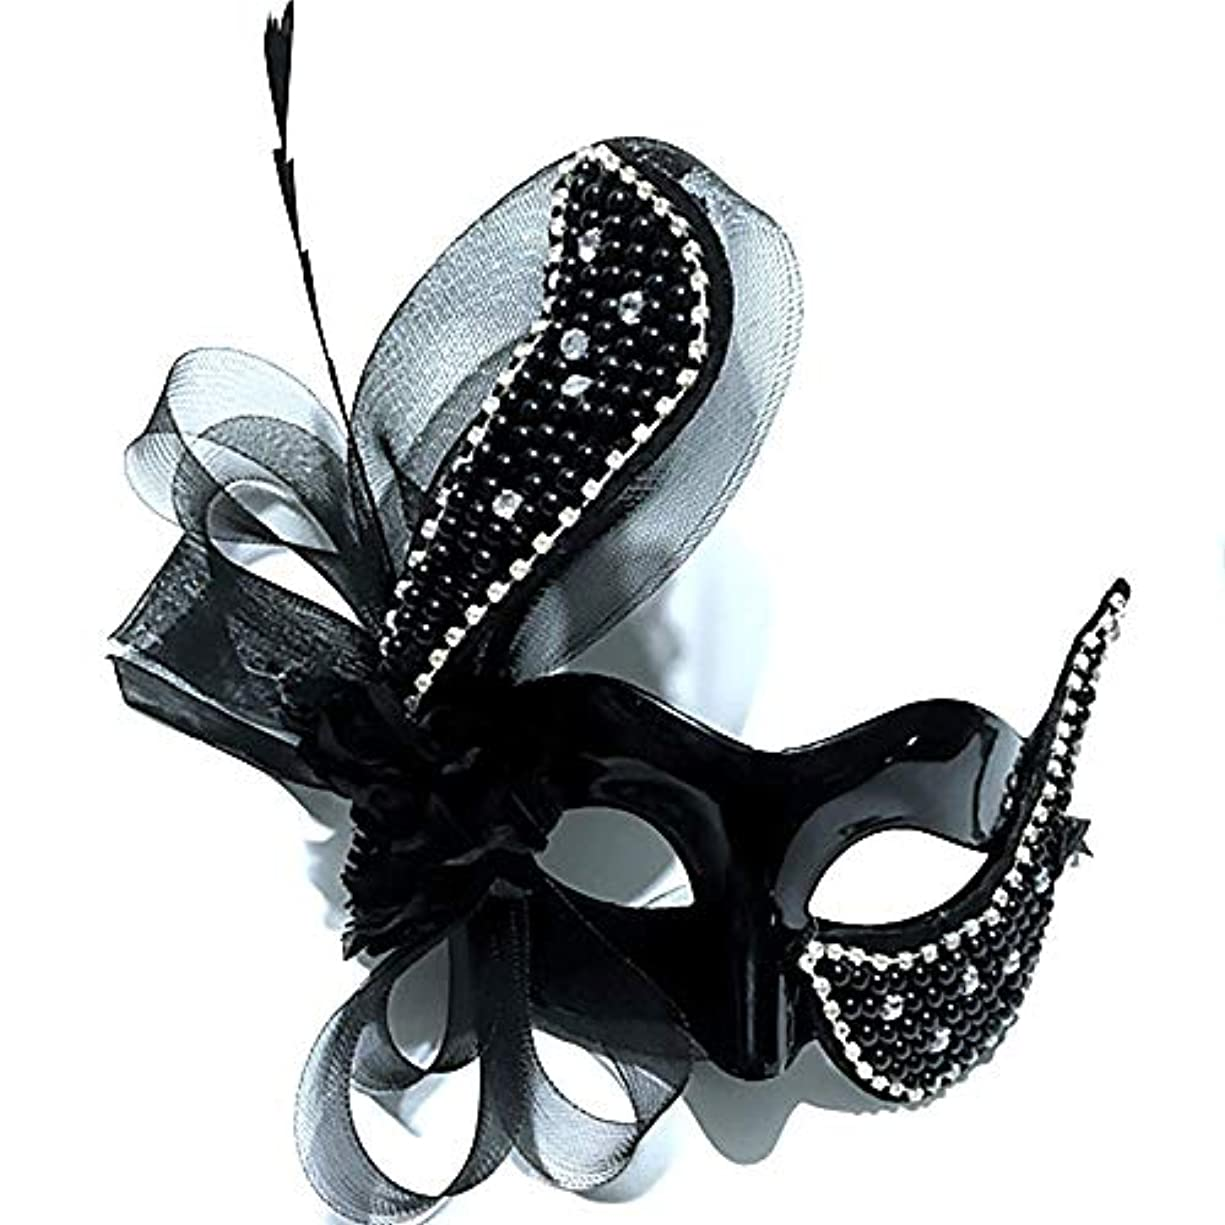 アーサーコナンドイルショッキング文法Nanle ハロウィーンヴィンテージフェザーラインストーンマスク仮装マスクレディミスプリンセス美容祭パーティー装飾マスク